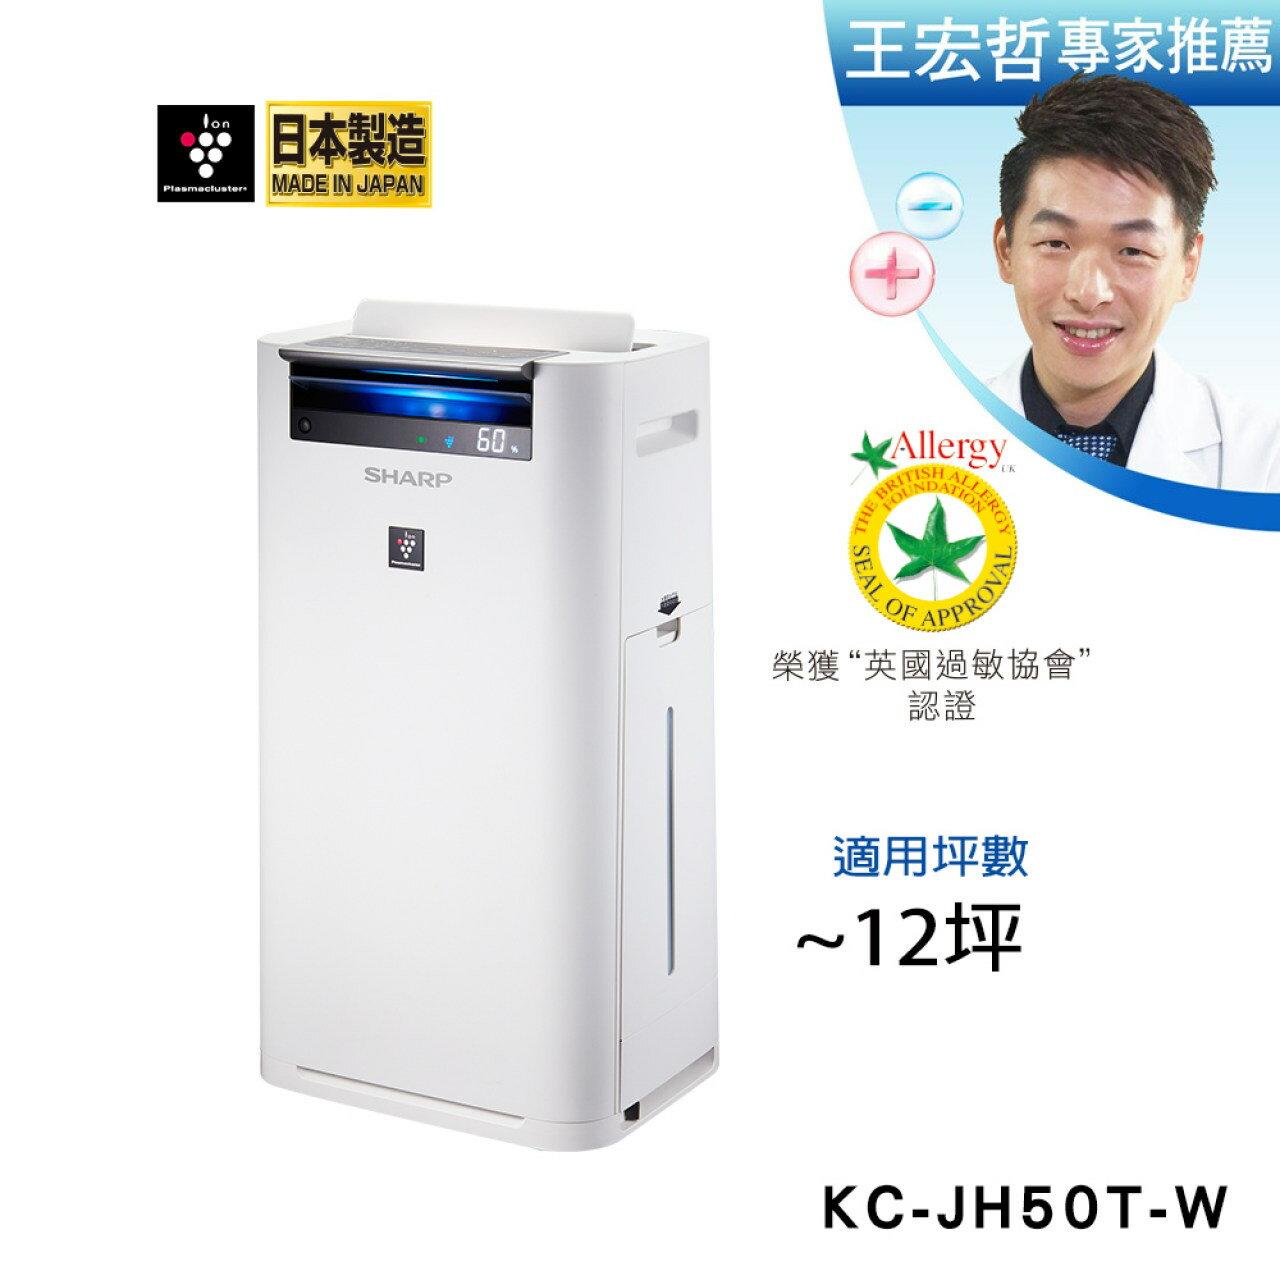 對抗空汙 超低特價 SHARP 夏普日本原裝水活力空氣清淨機KC-JH50T-W 晶鑽黑